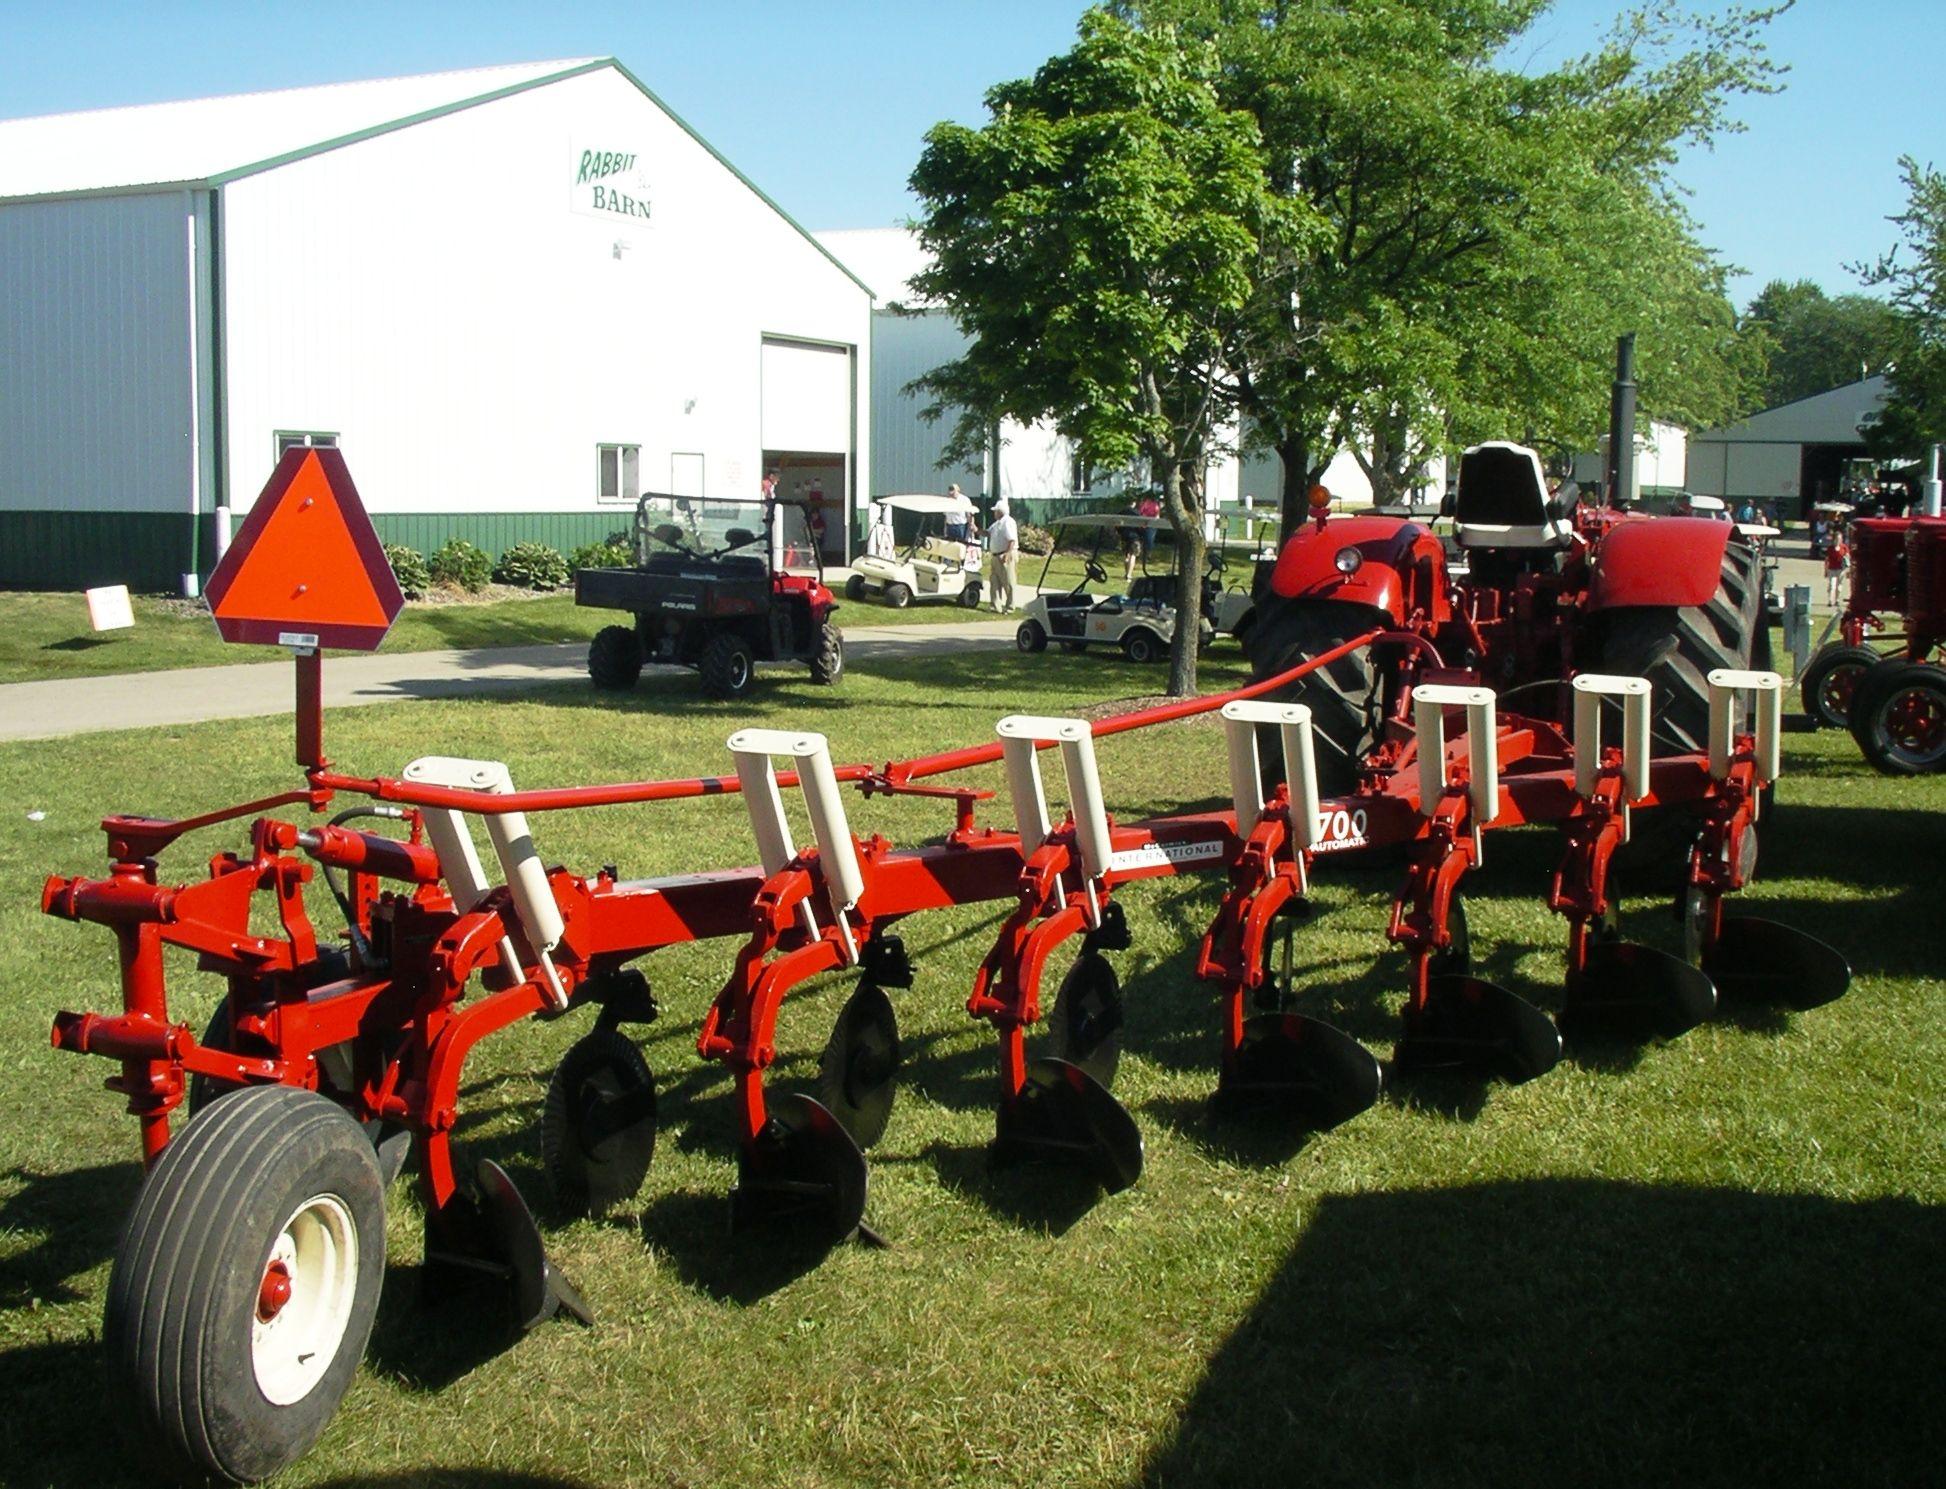 Ih No 700 Plow Tractors Cool Trucks Monster Trucks